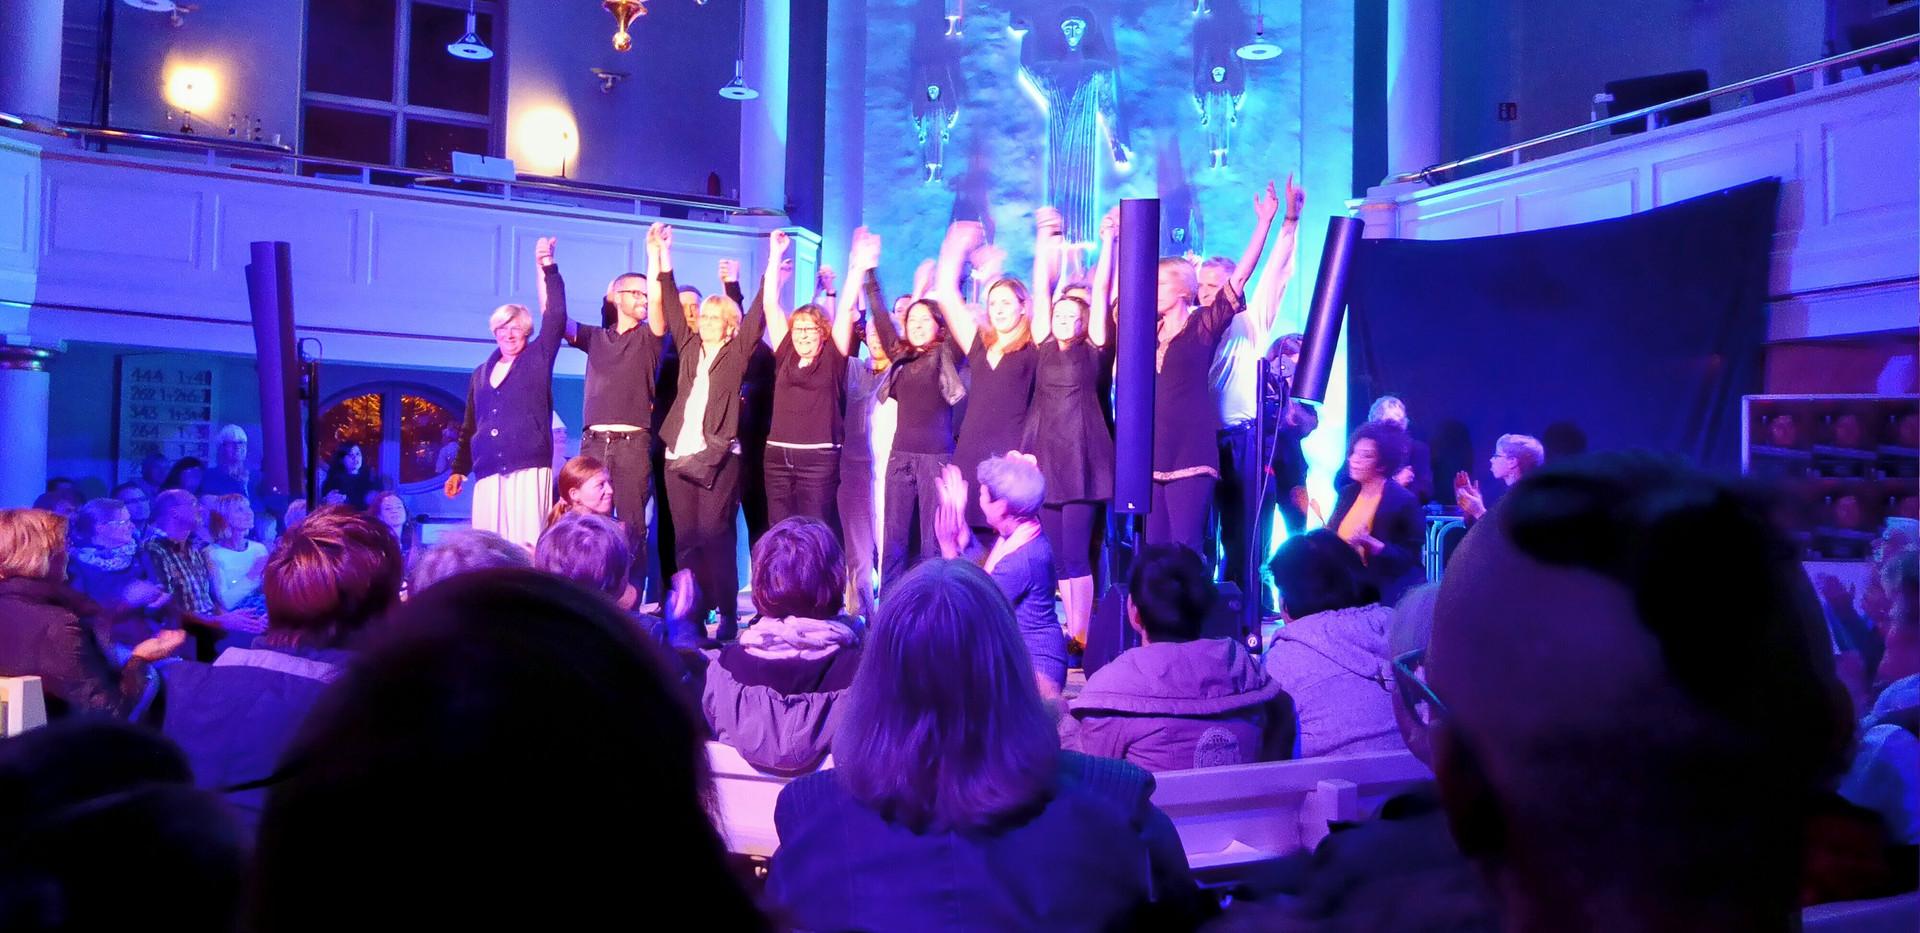 Musiktheater 2017- Tolle Einladung der Osterkirche Bramfeld